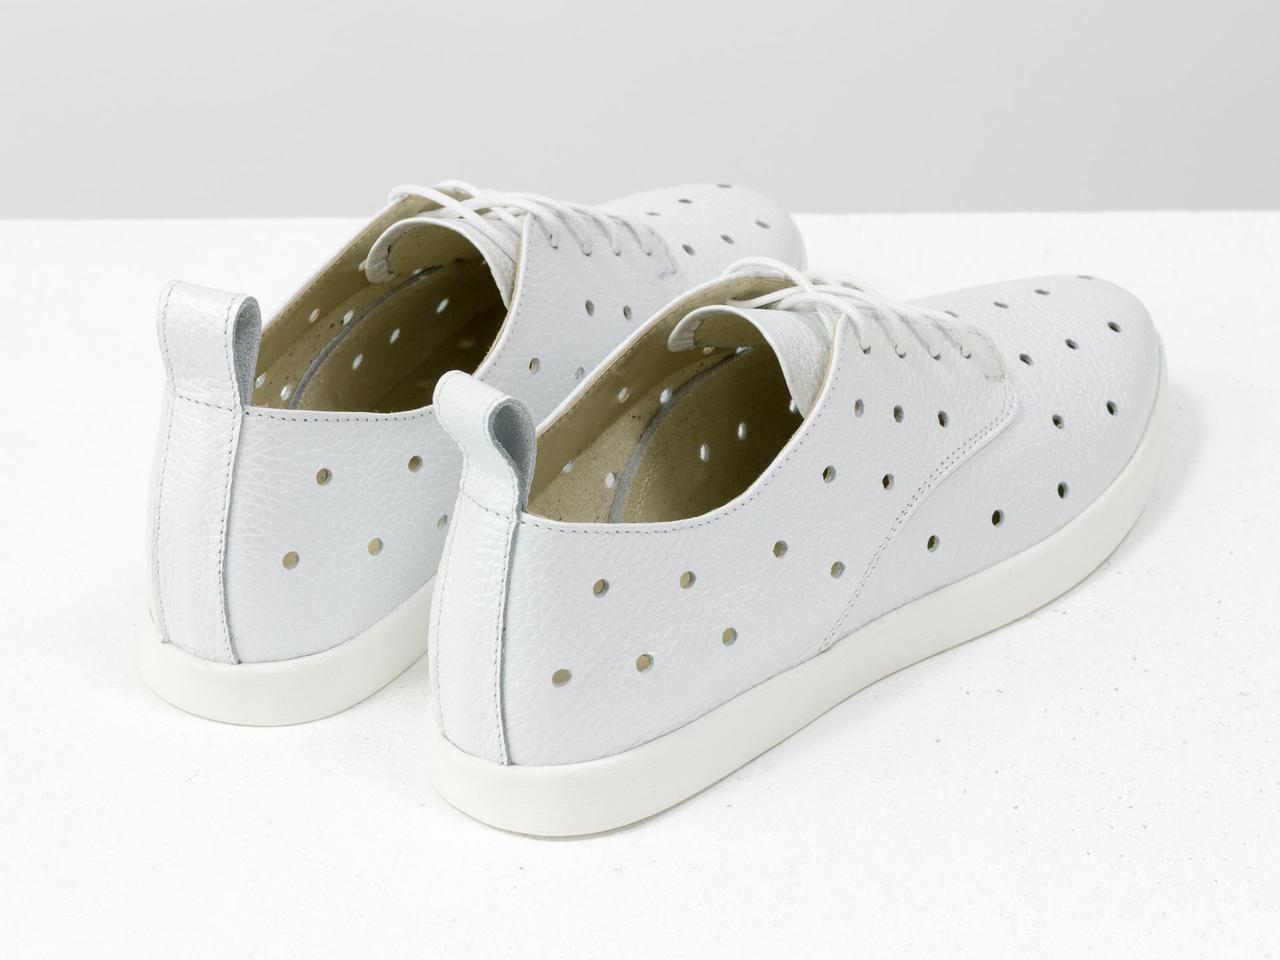 Легкие туфли из натуральной кожи белого цвета с перфорацией по всей поверхности 39 - фото 6